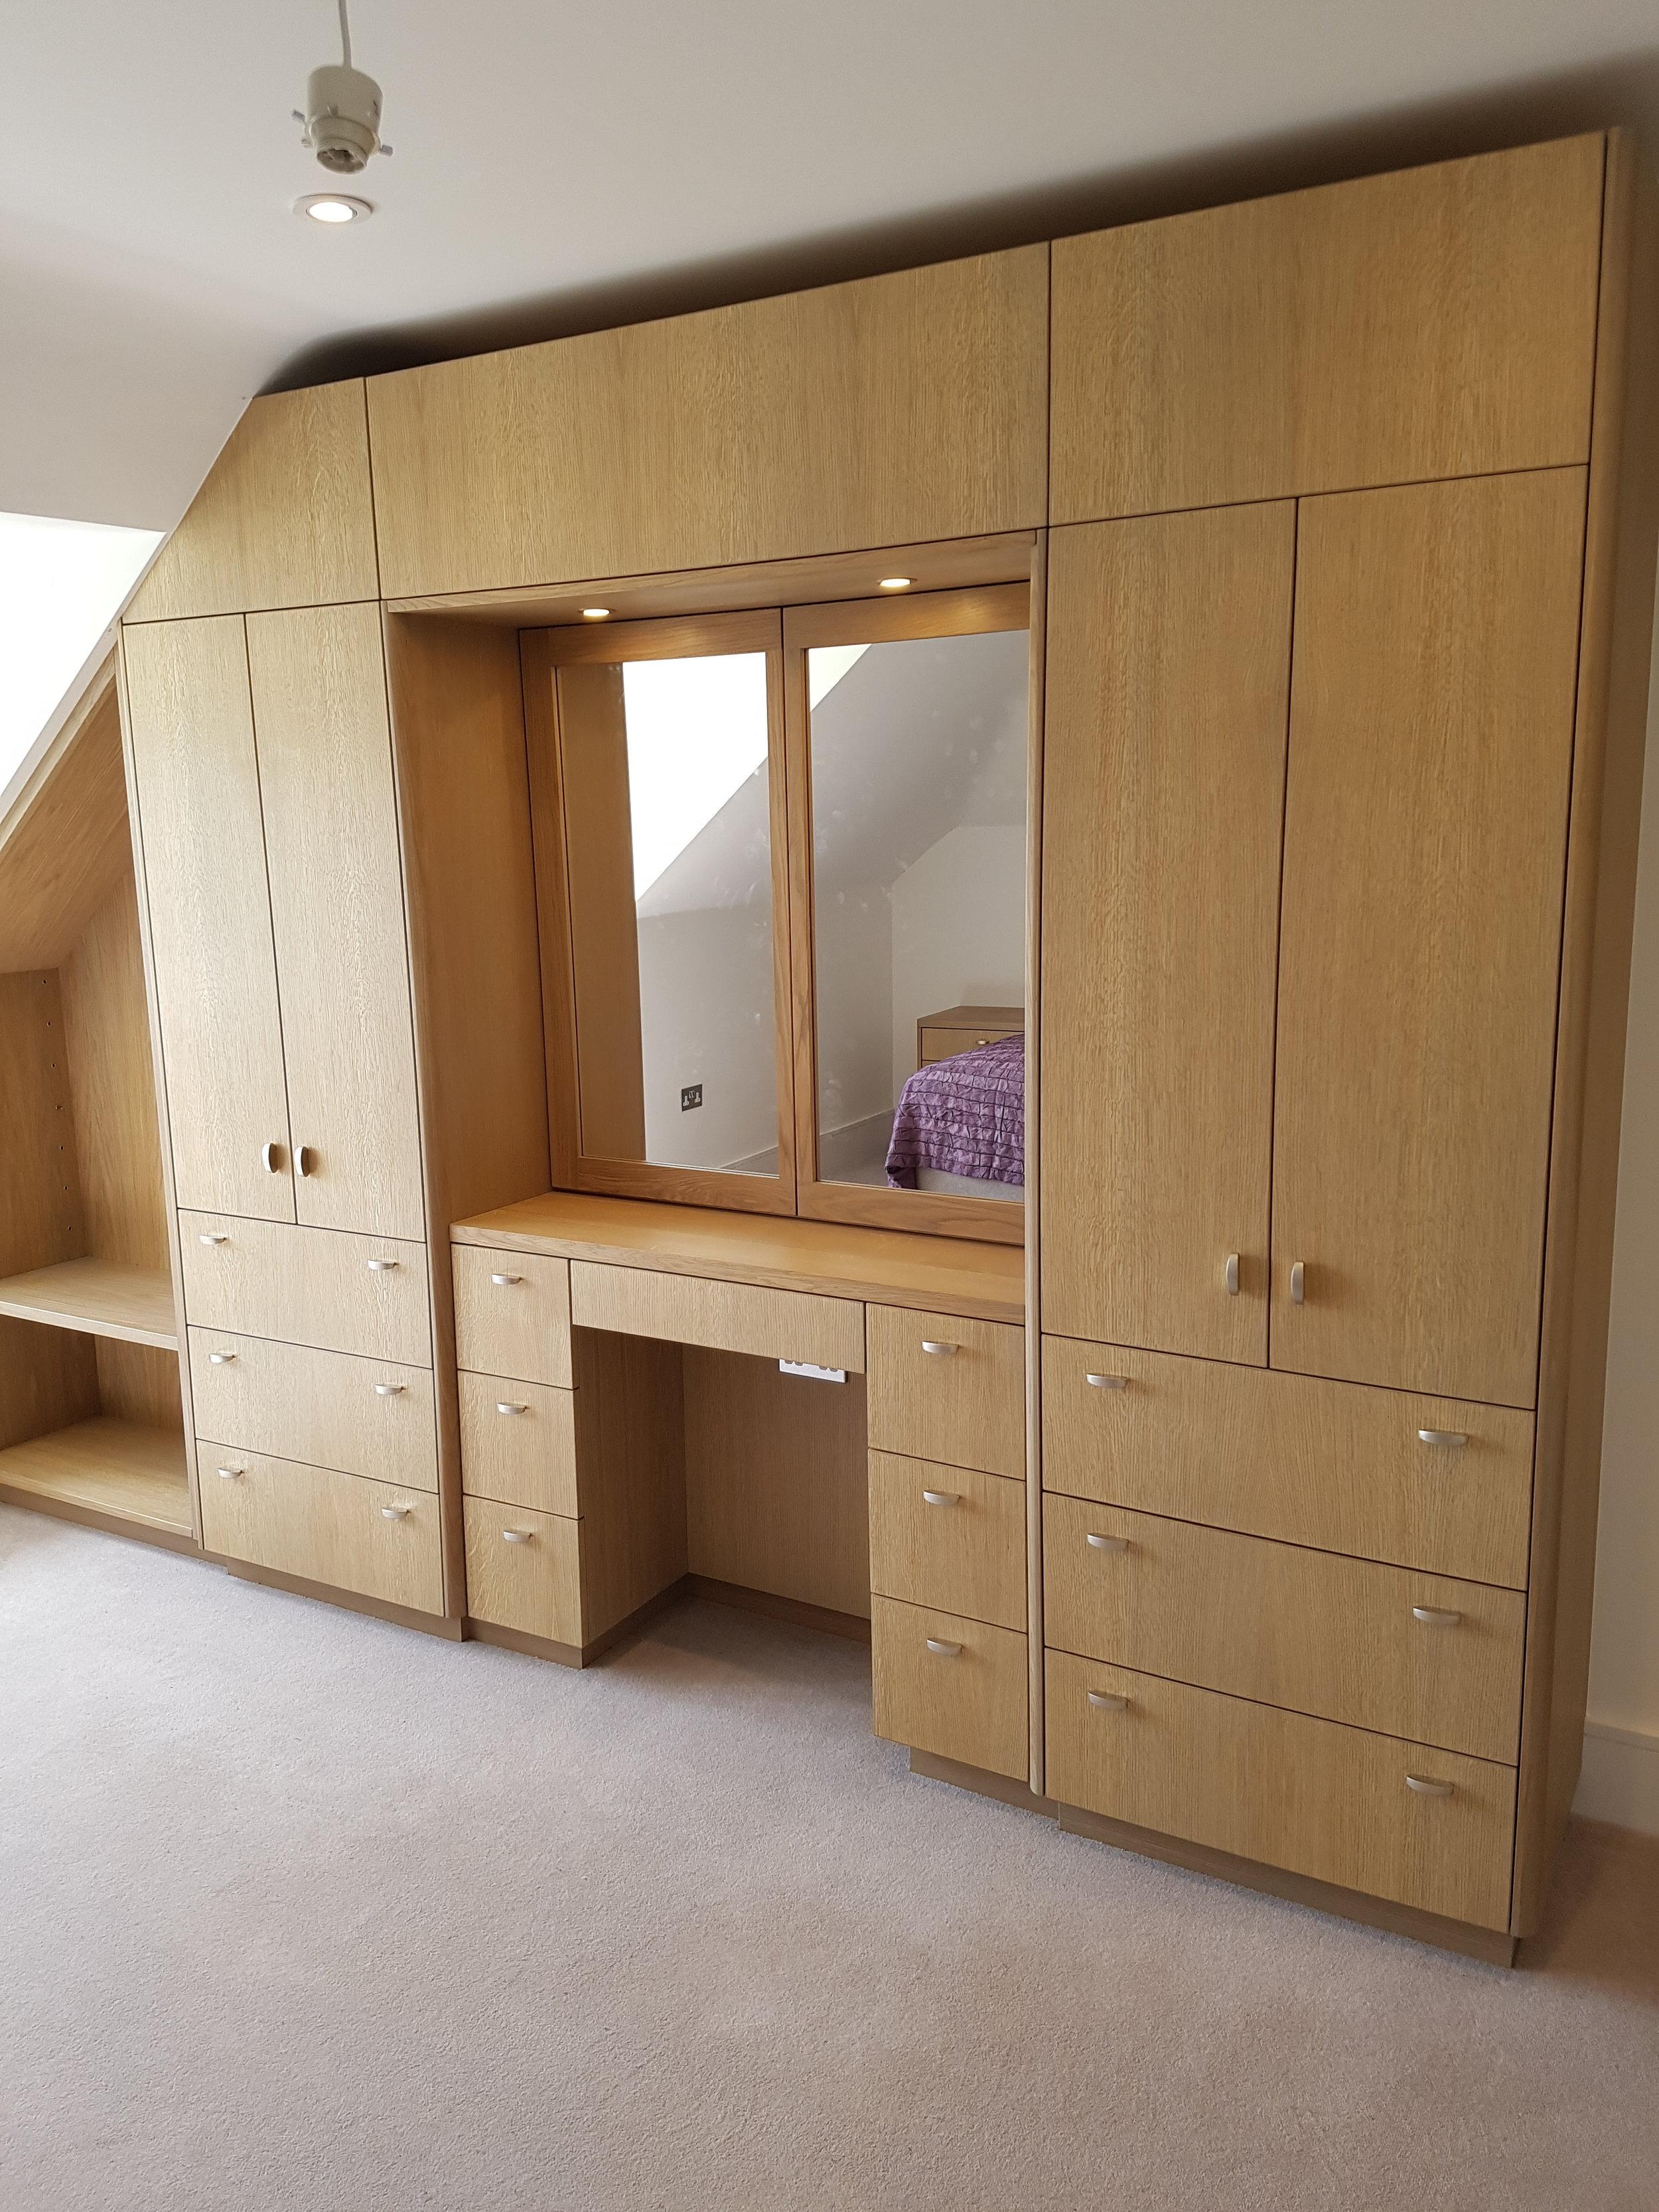 Oak bedroom furniture.jpg